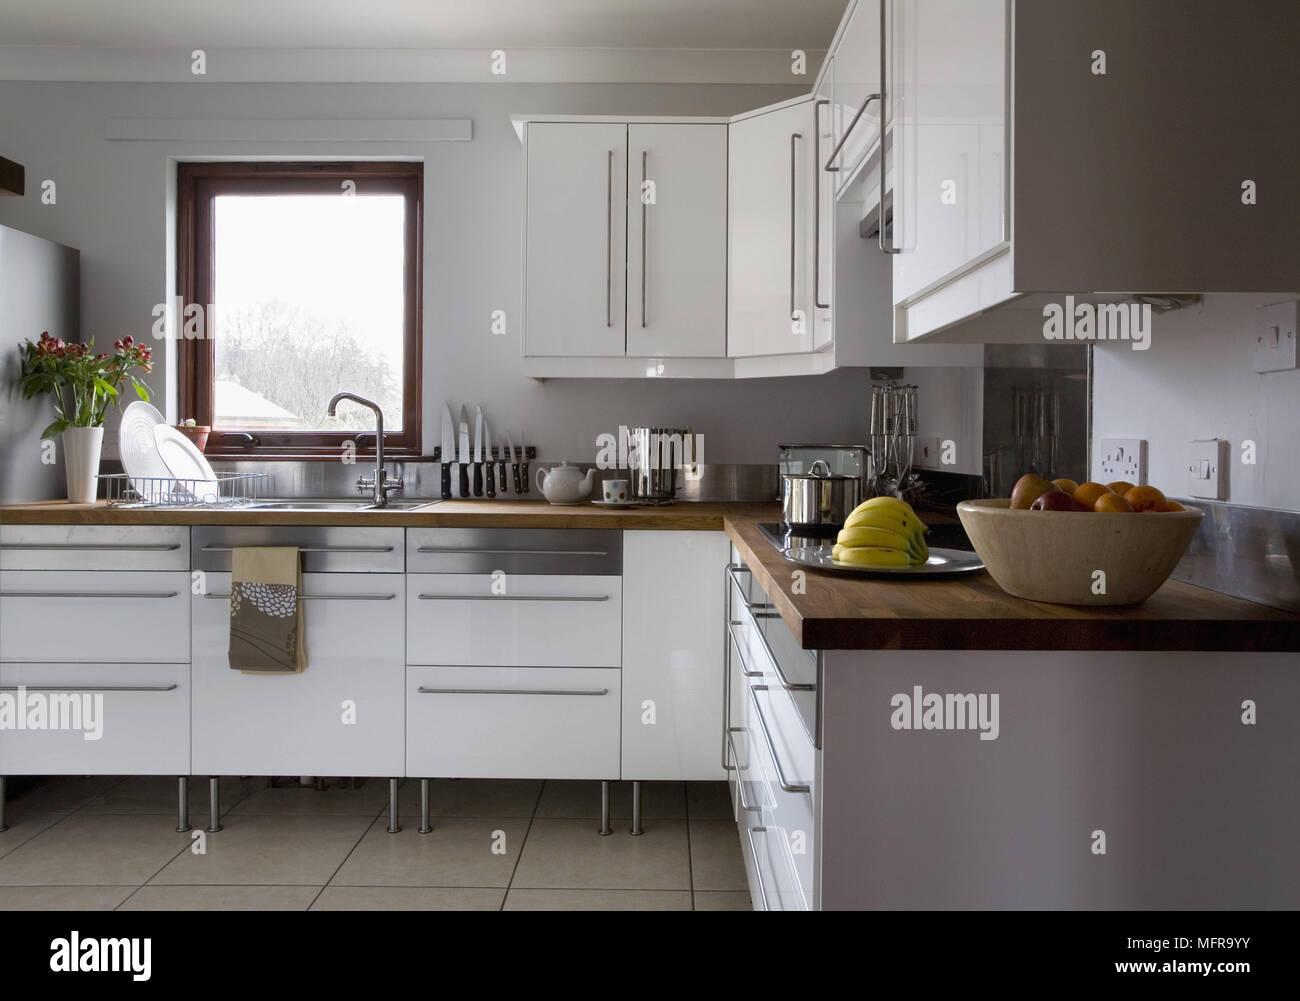 Schön Industrieküchenbedarf Bilder - Ideen Für Die Küche Dekoration ...